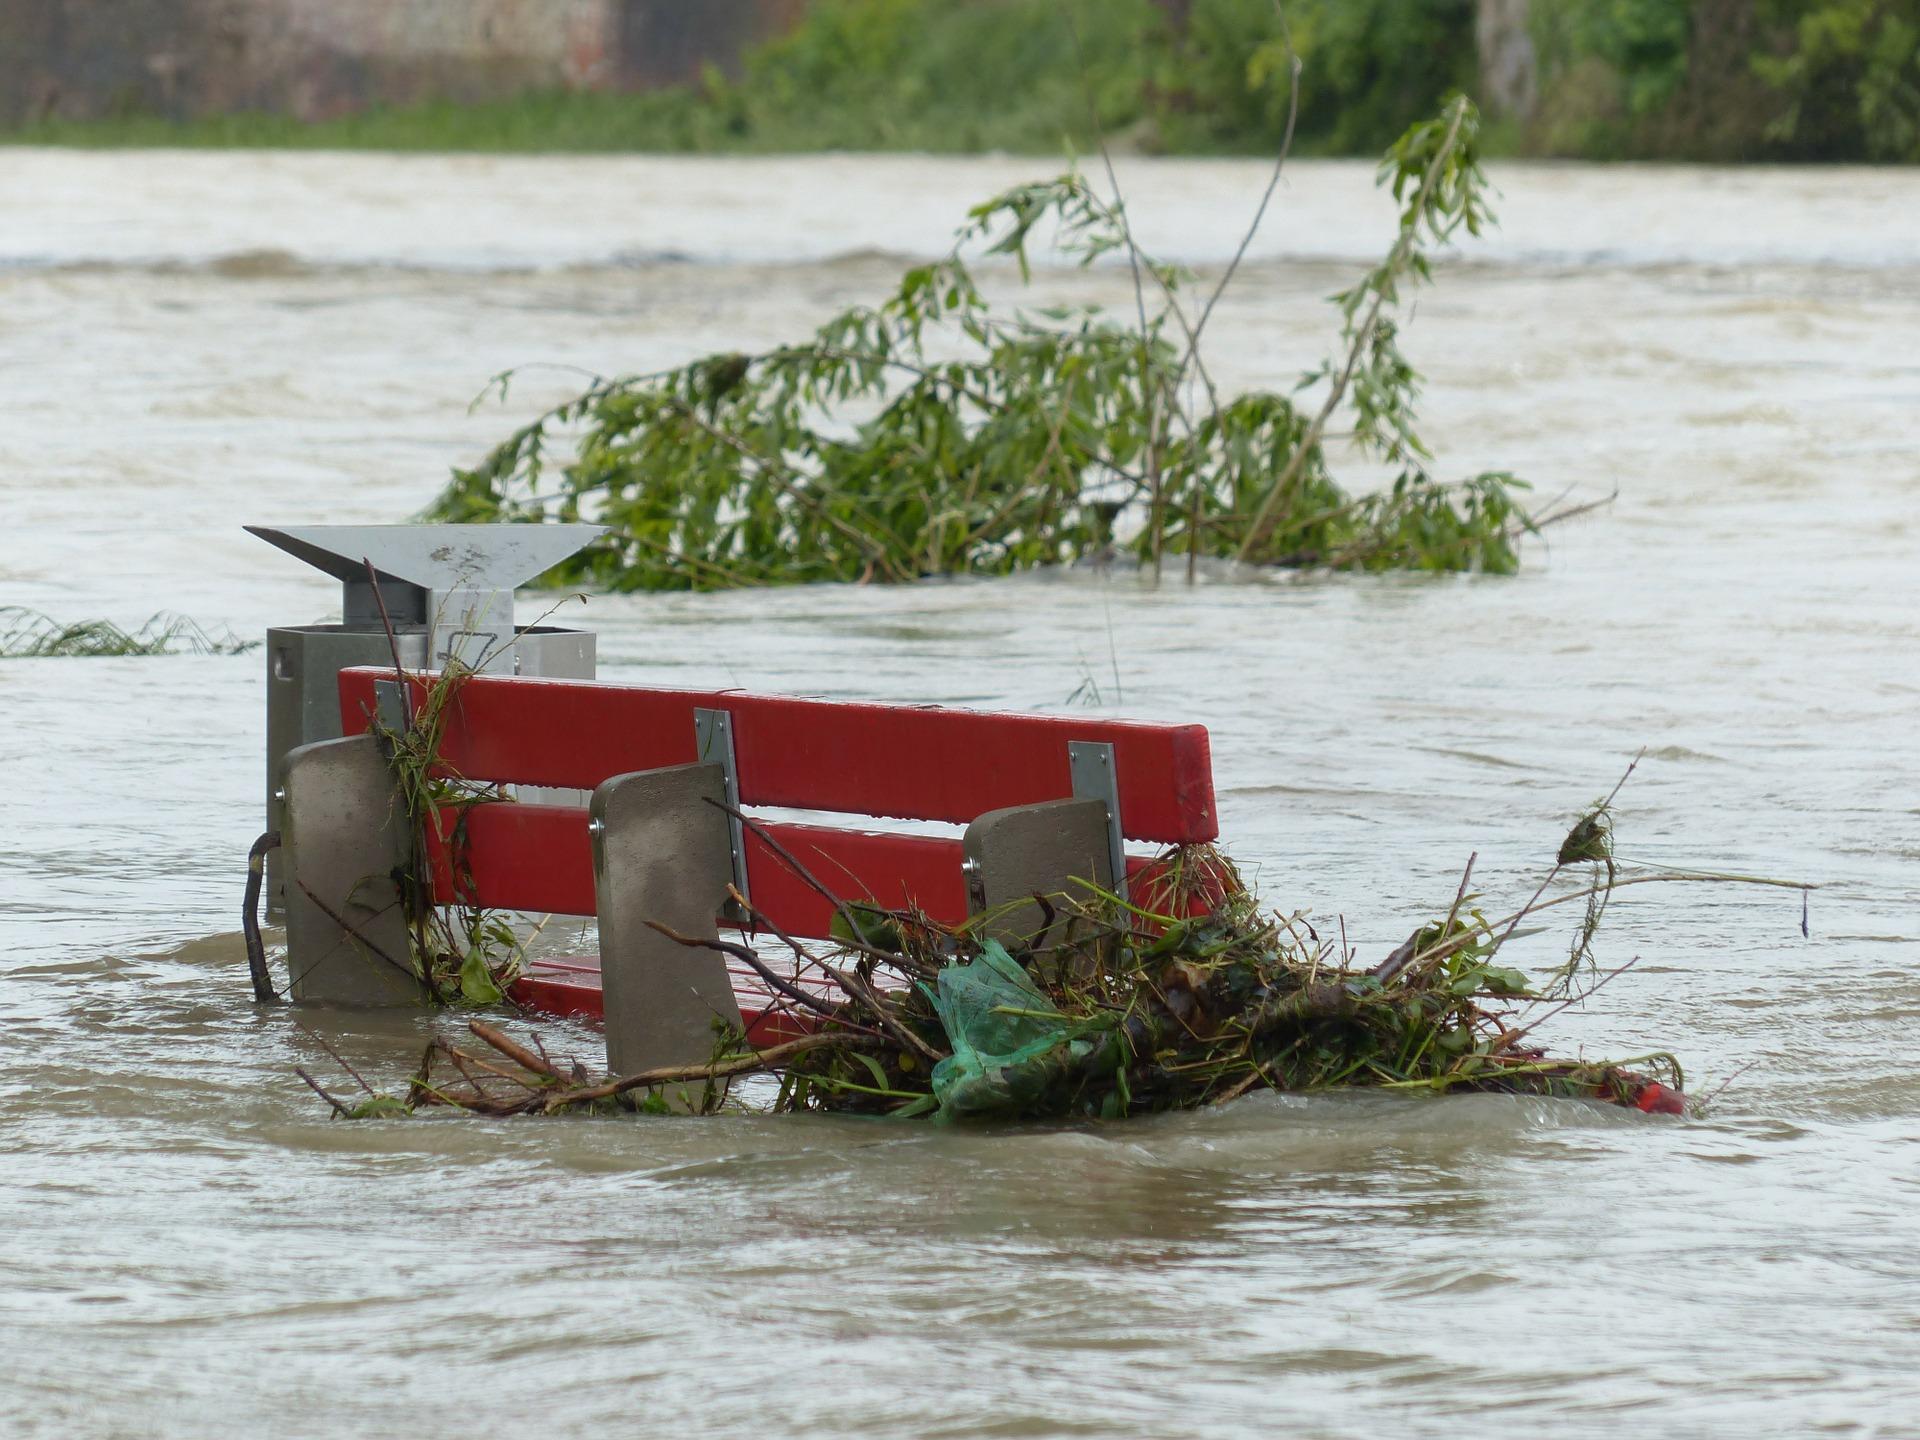 flood insurance is often overlooked